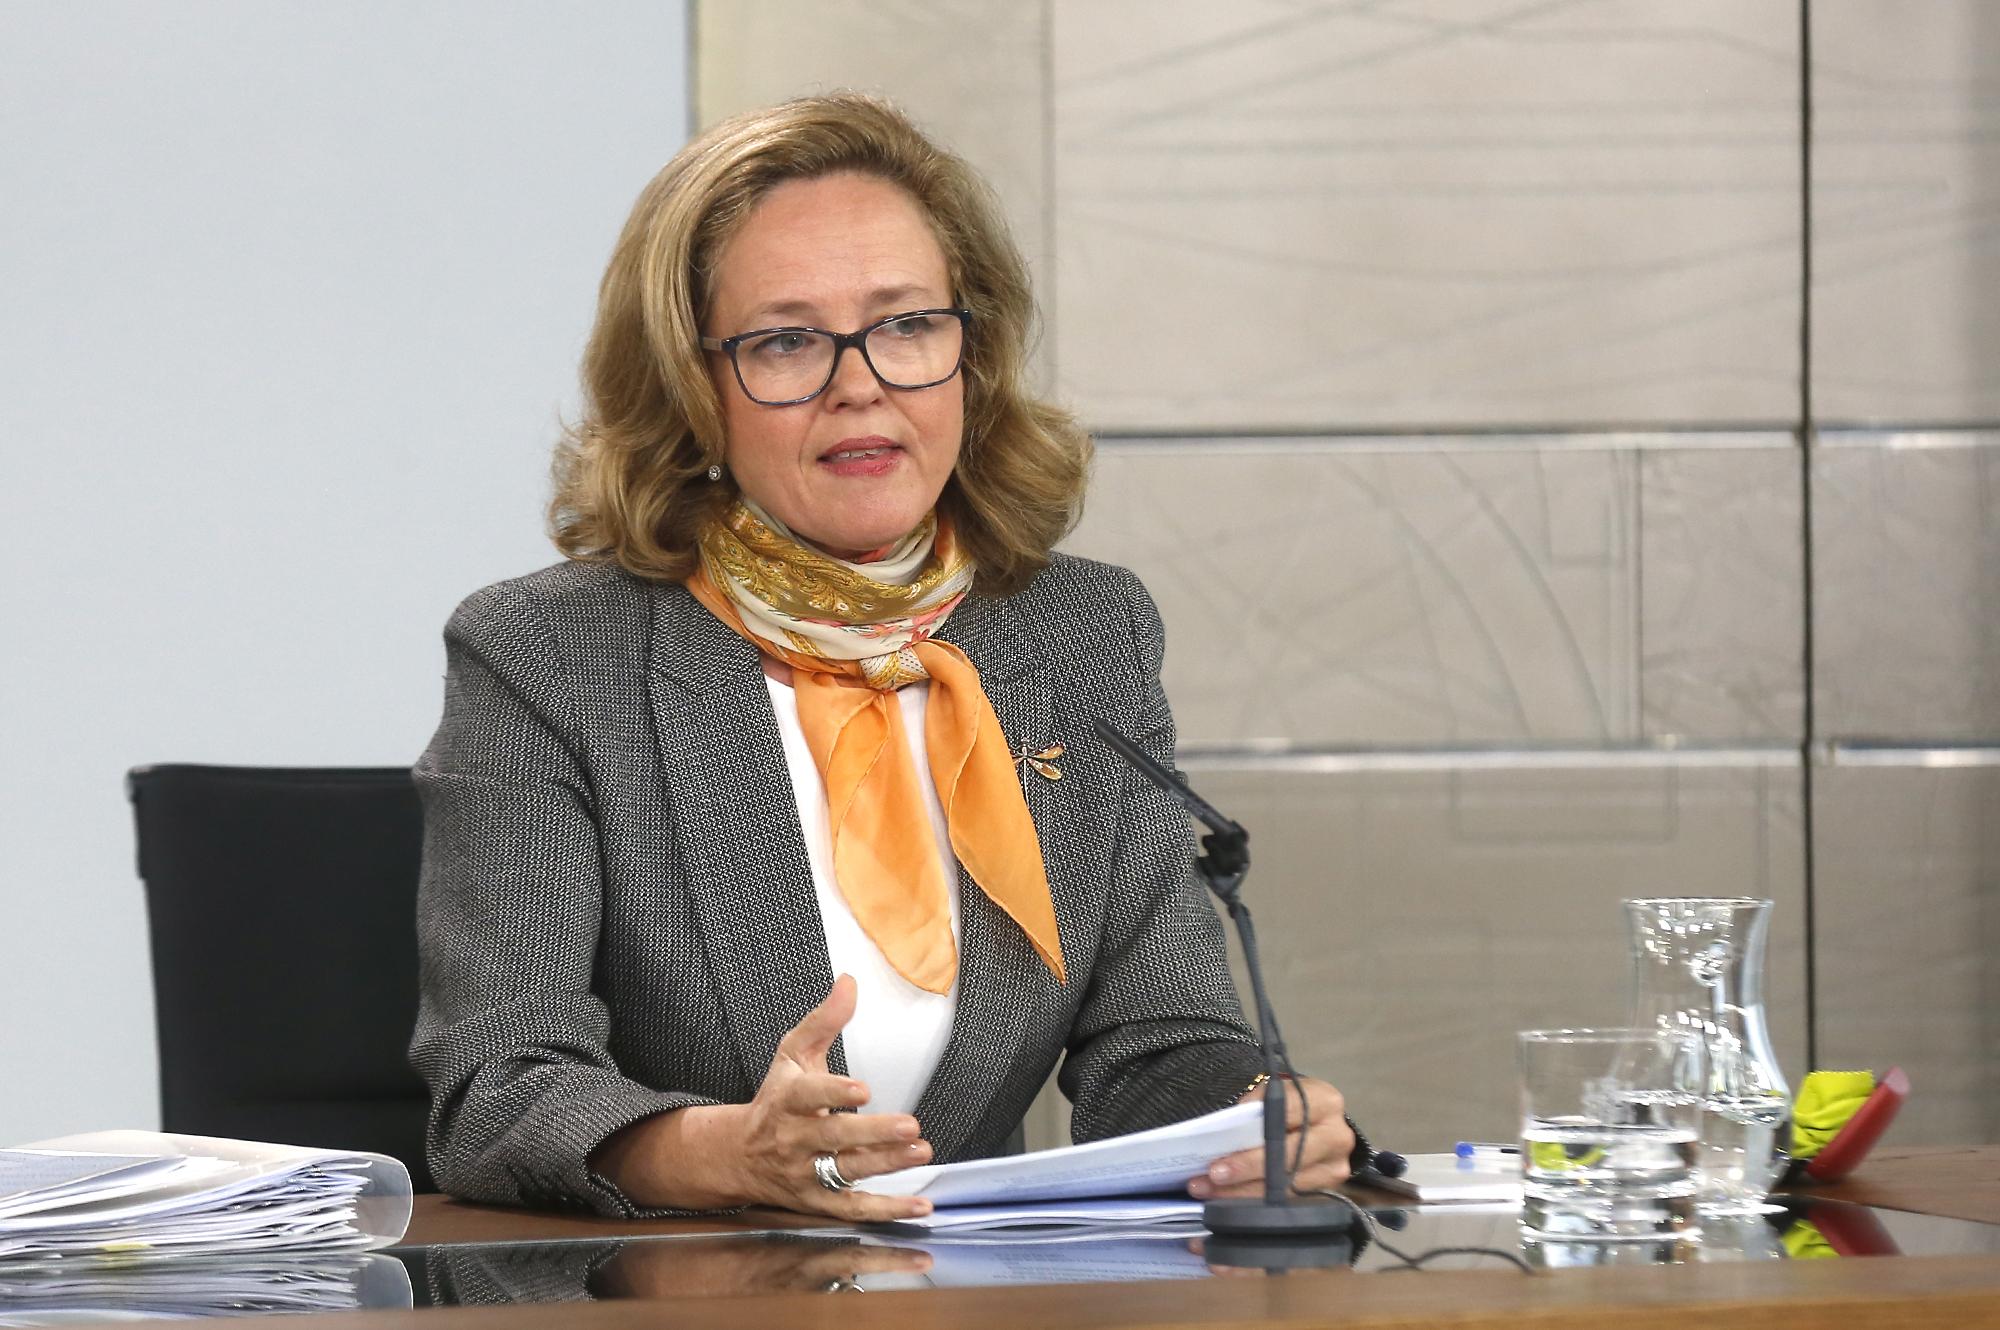 La ministra de Economía y Empresa, Nadie Calviño